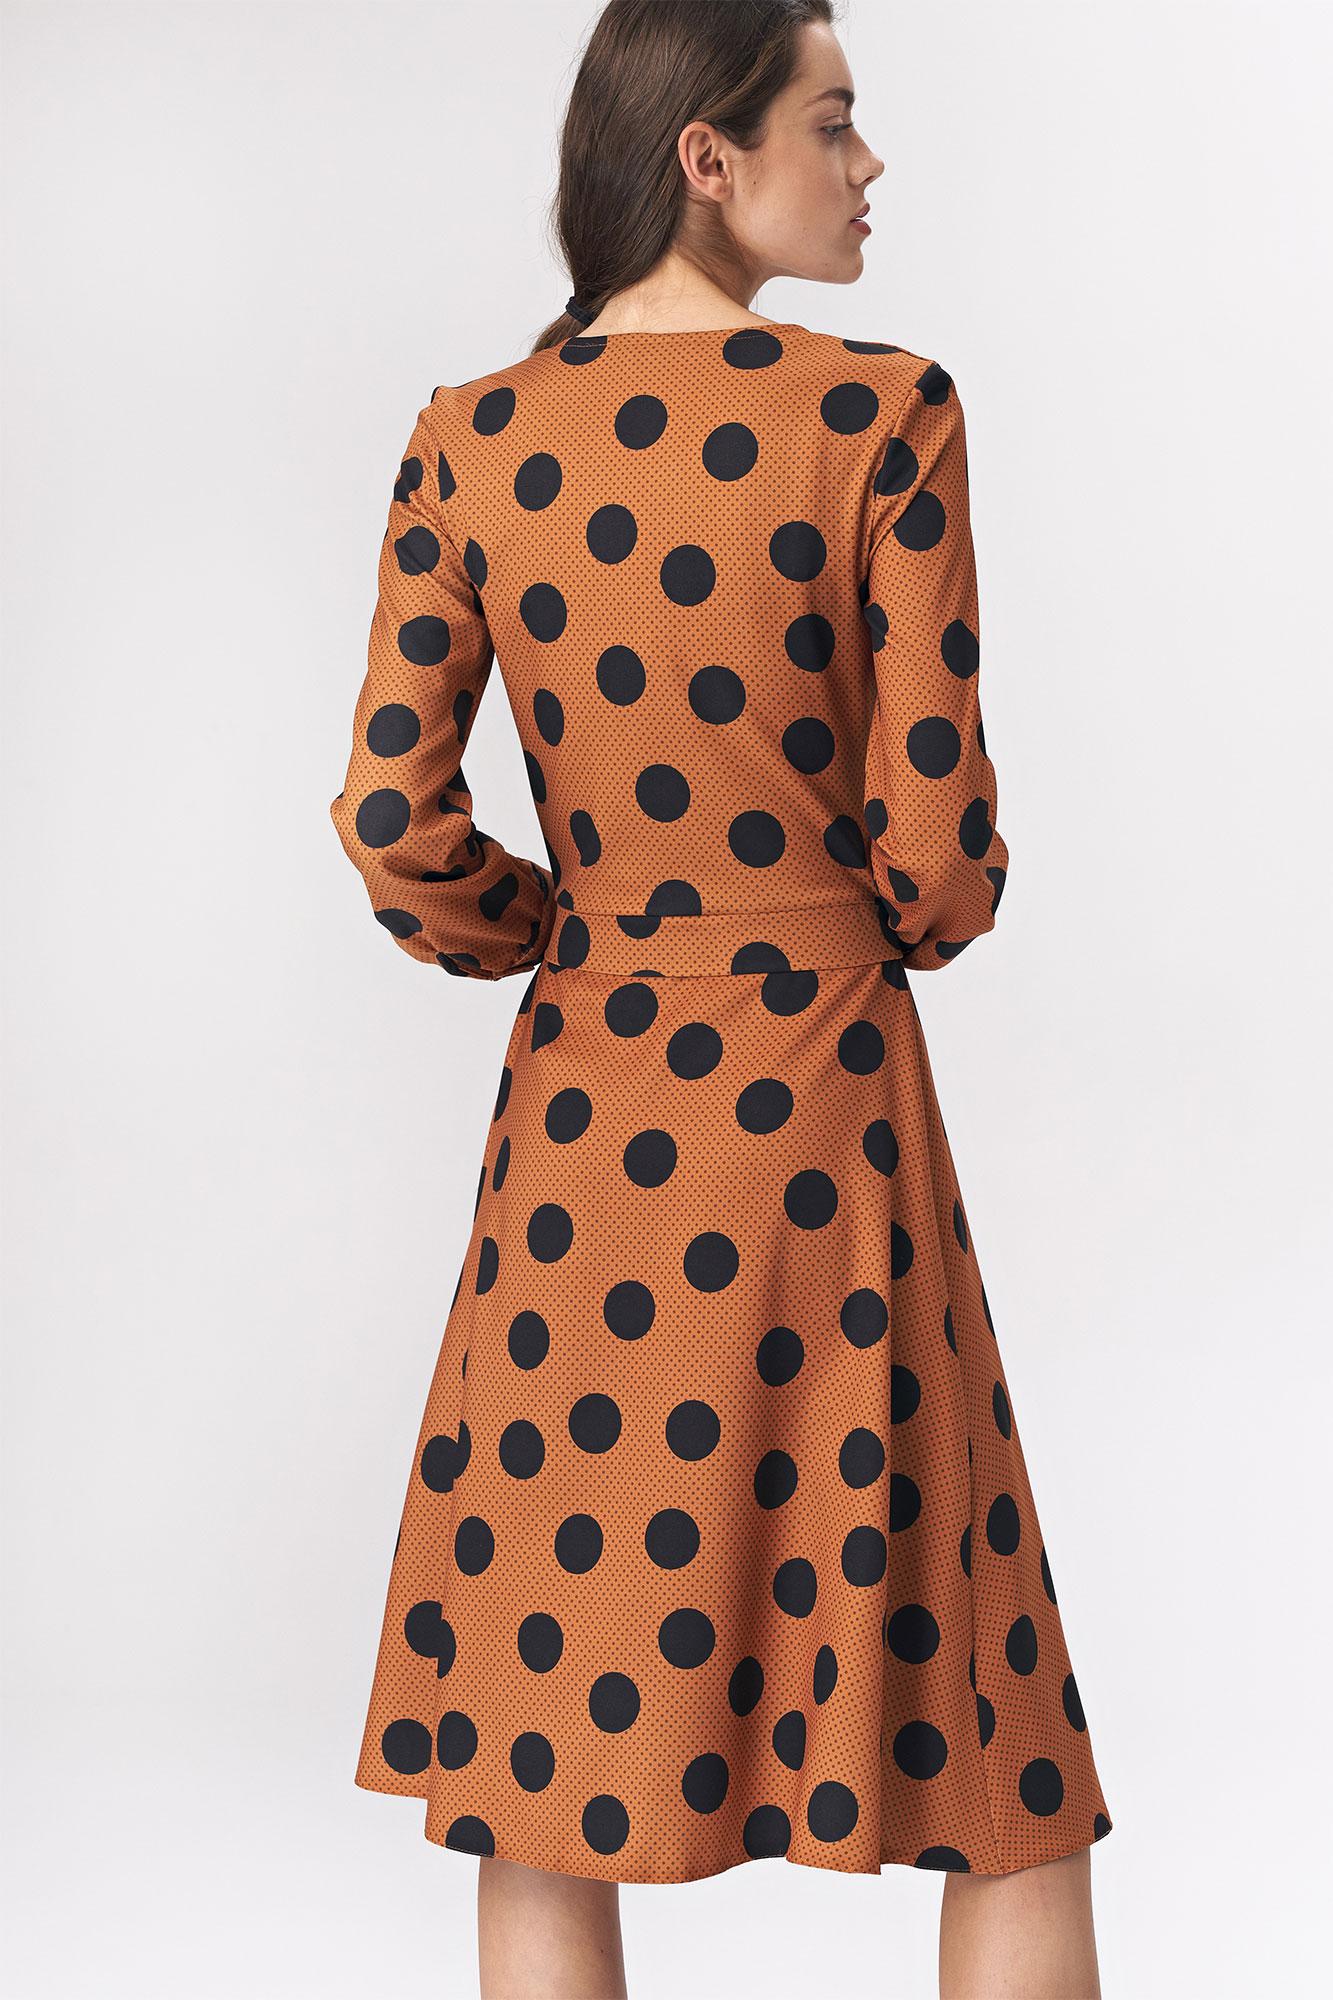 Nife - Brązowa rozkloszowana sukienka w grochy 4